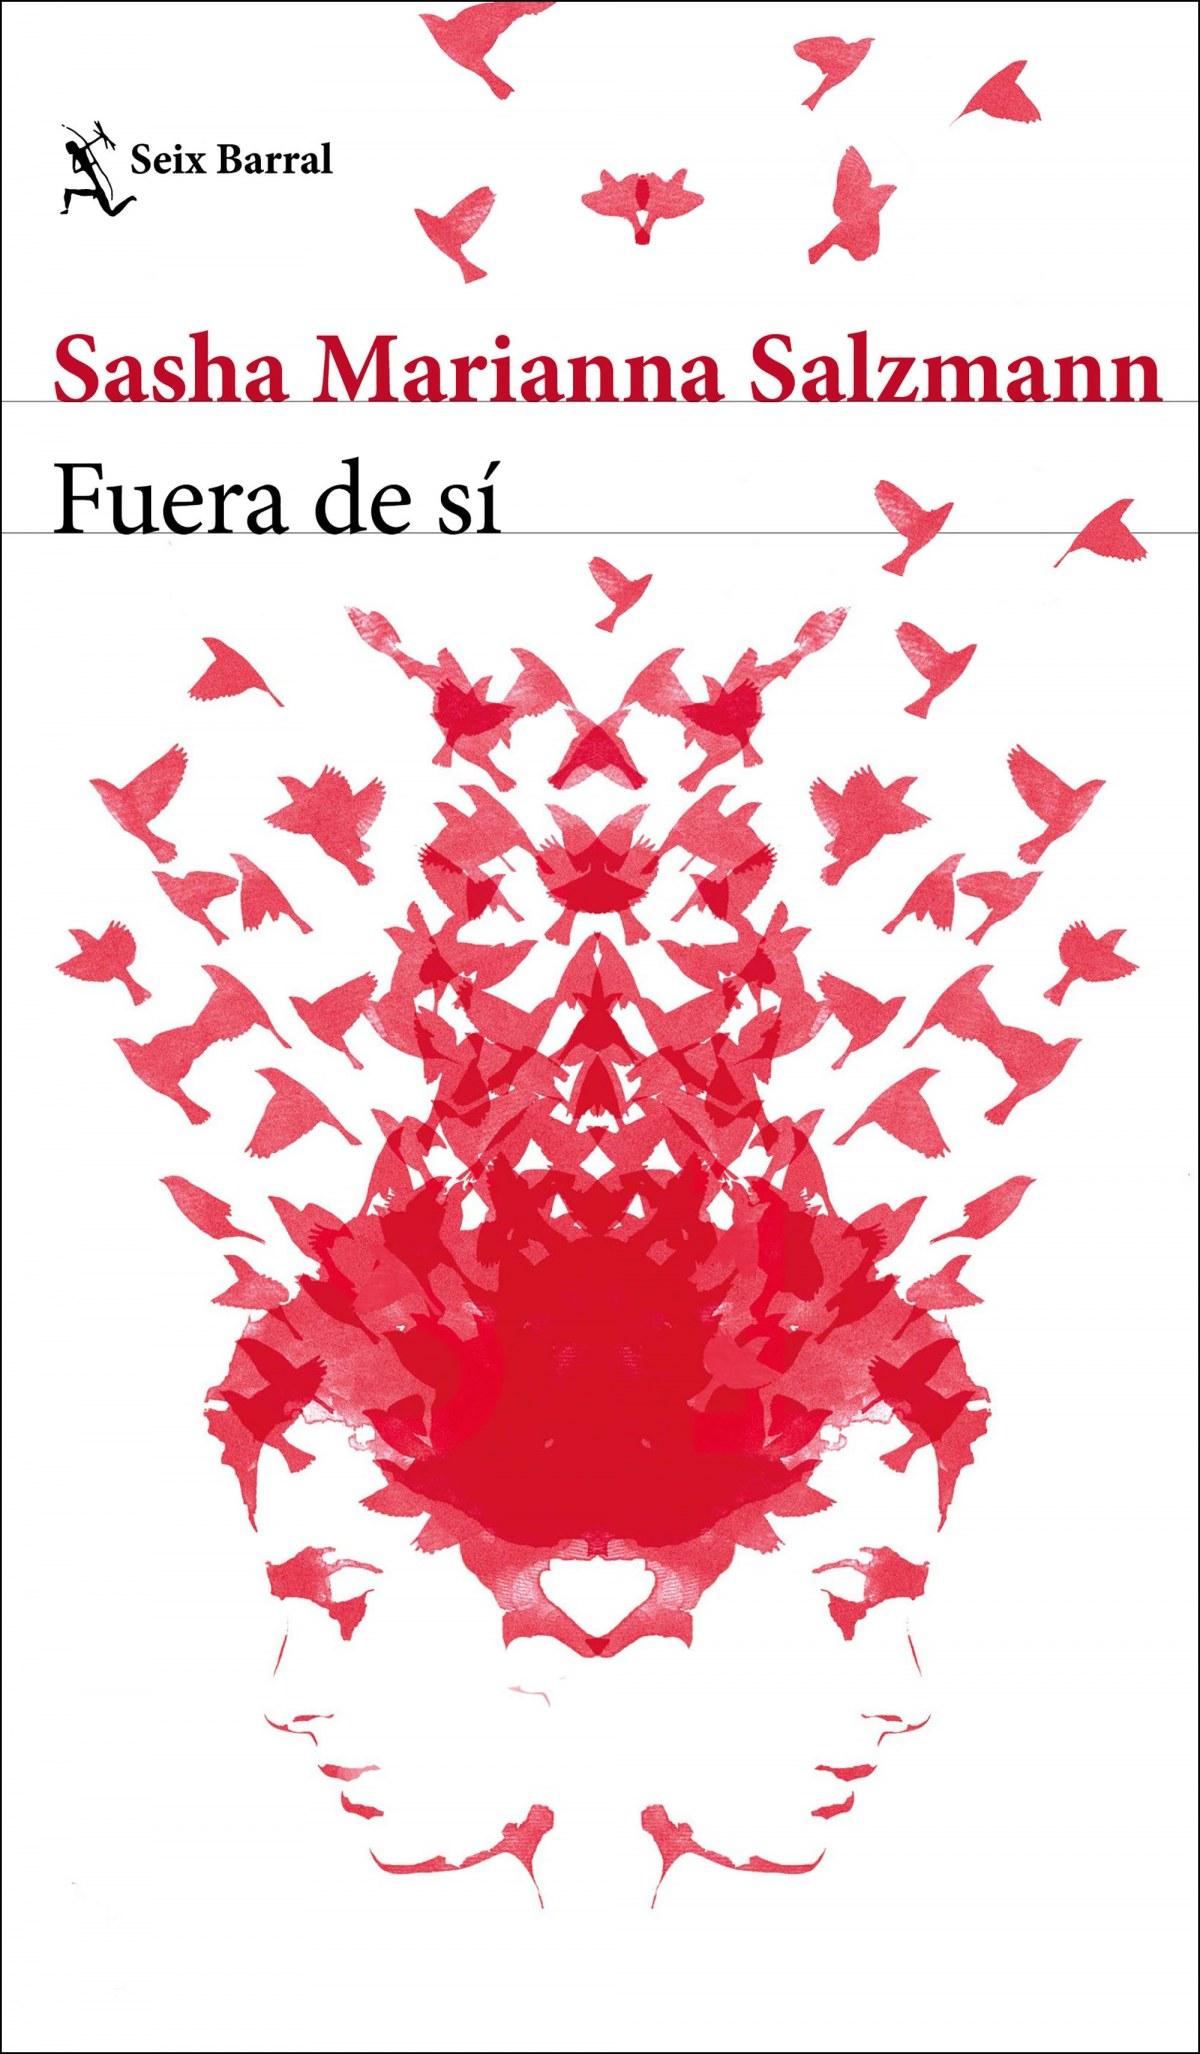 FUERA DE SÍ